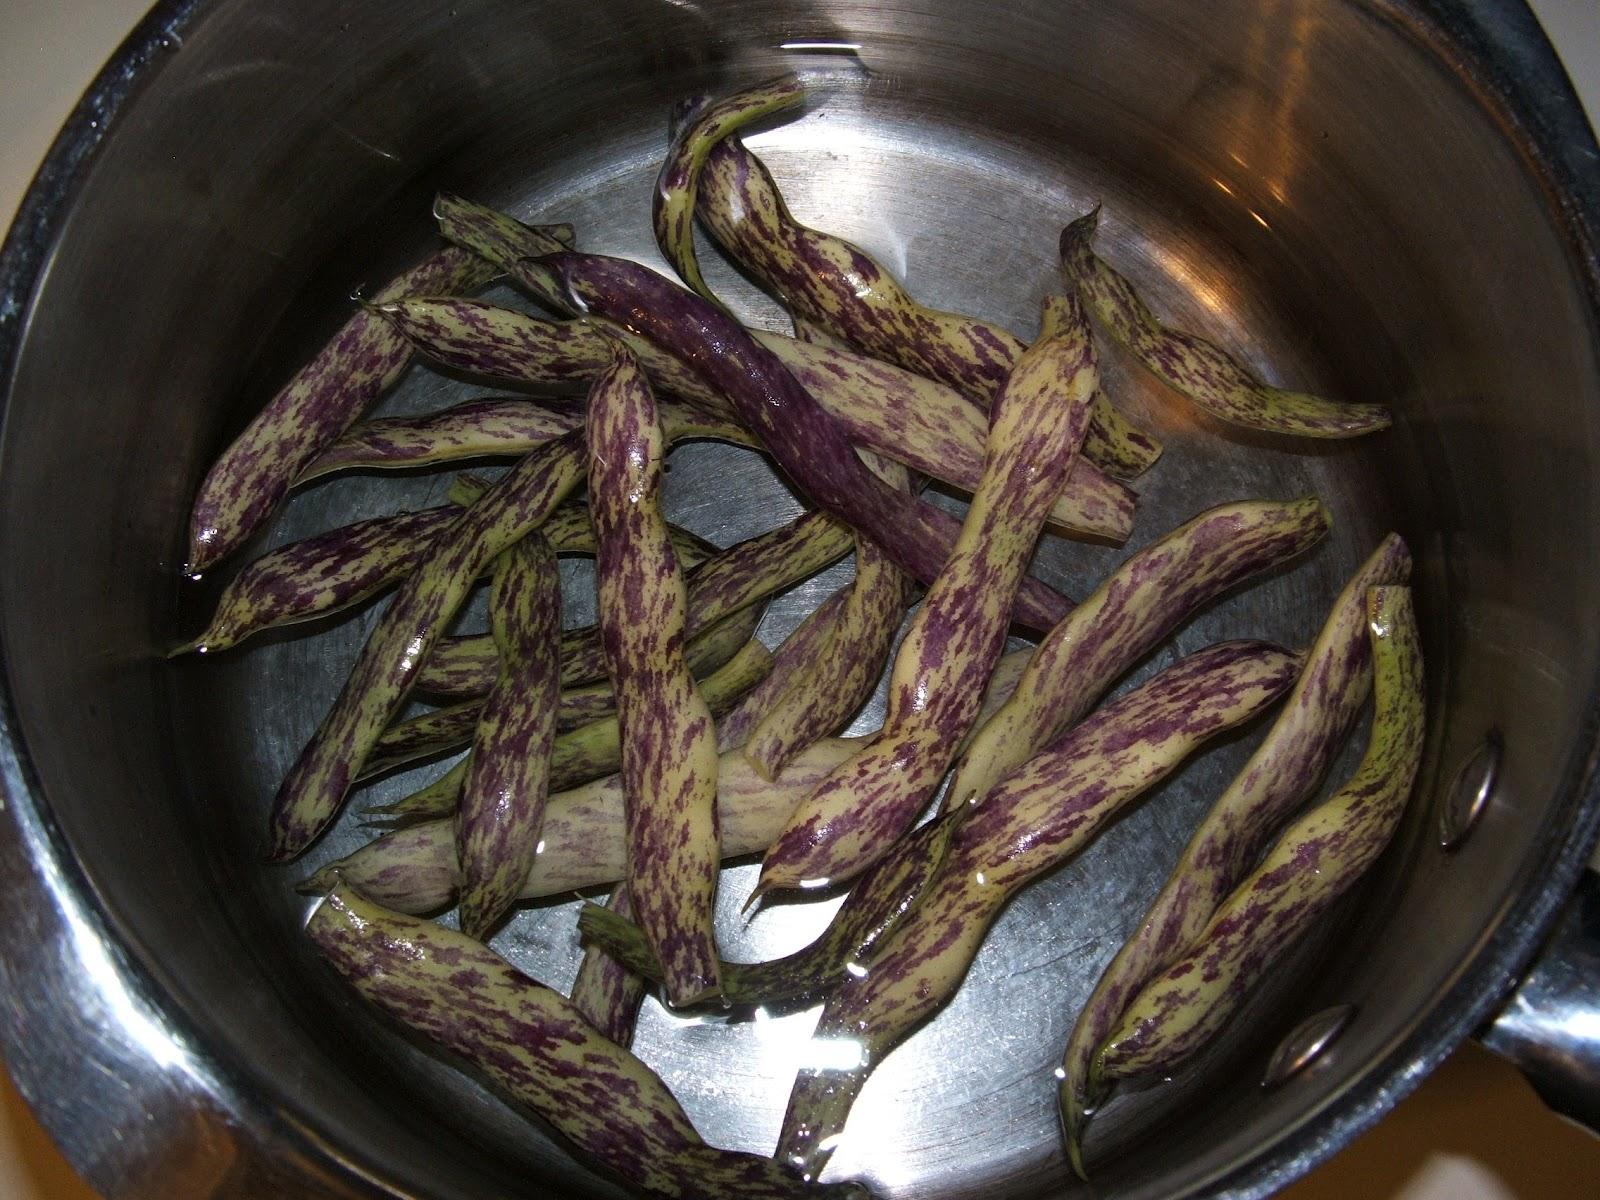 God S Growing Garden Quot Dragon Lingerie Quot Beans